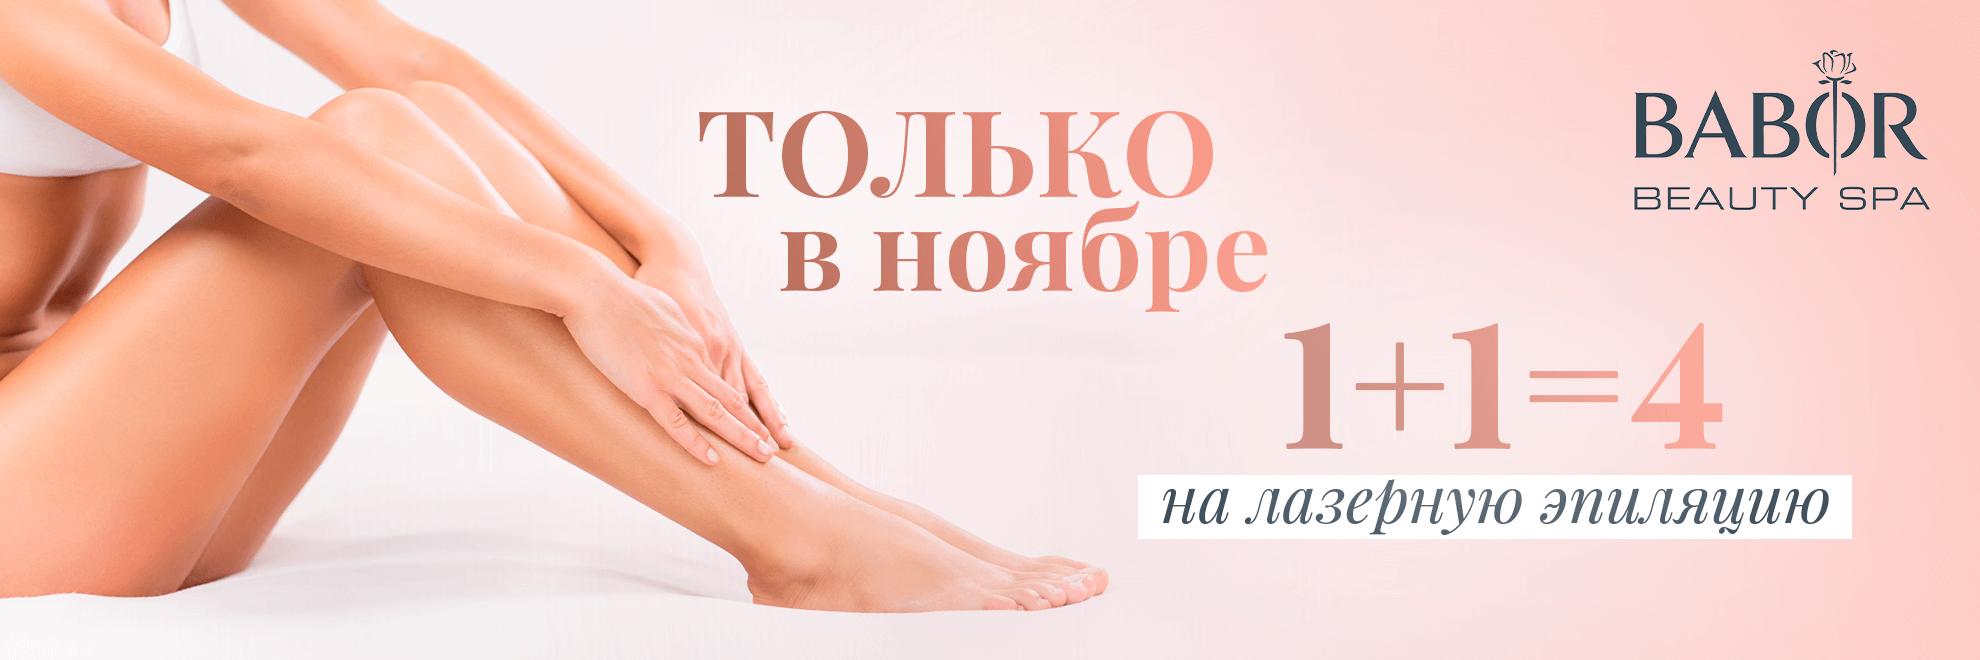 Акция на лазерную эпиляцию в салоне красоты Babor г.Троицк